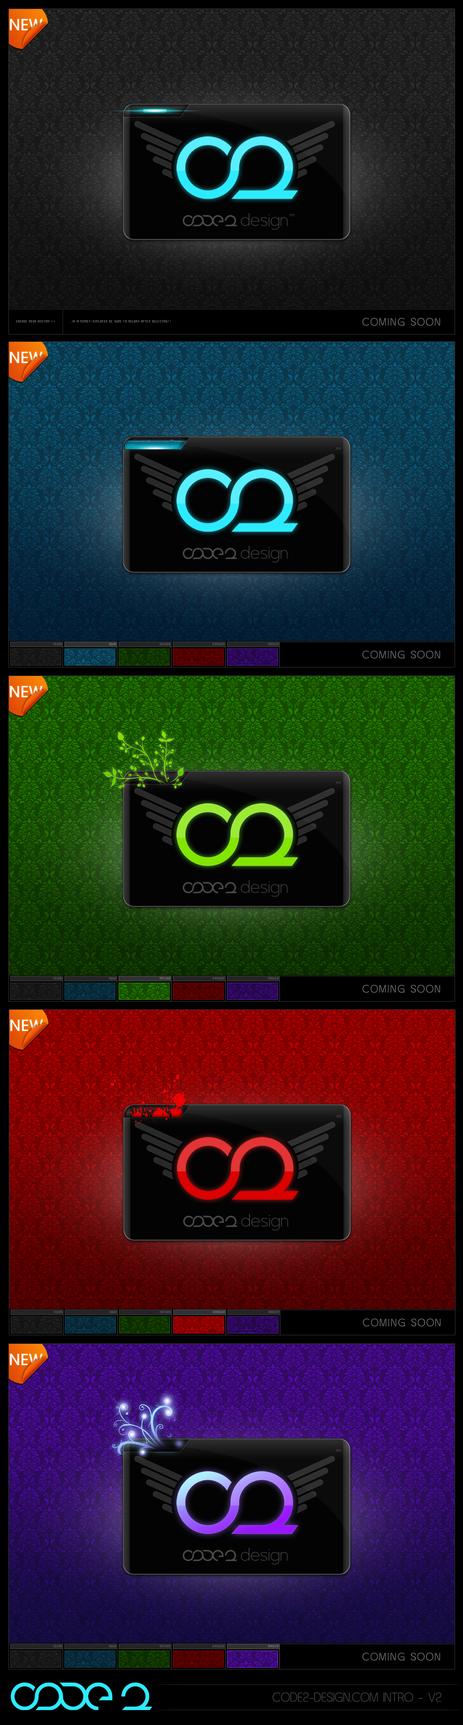 CODE2-DESIGN.COM - INTRO.V2 by code2